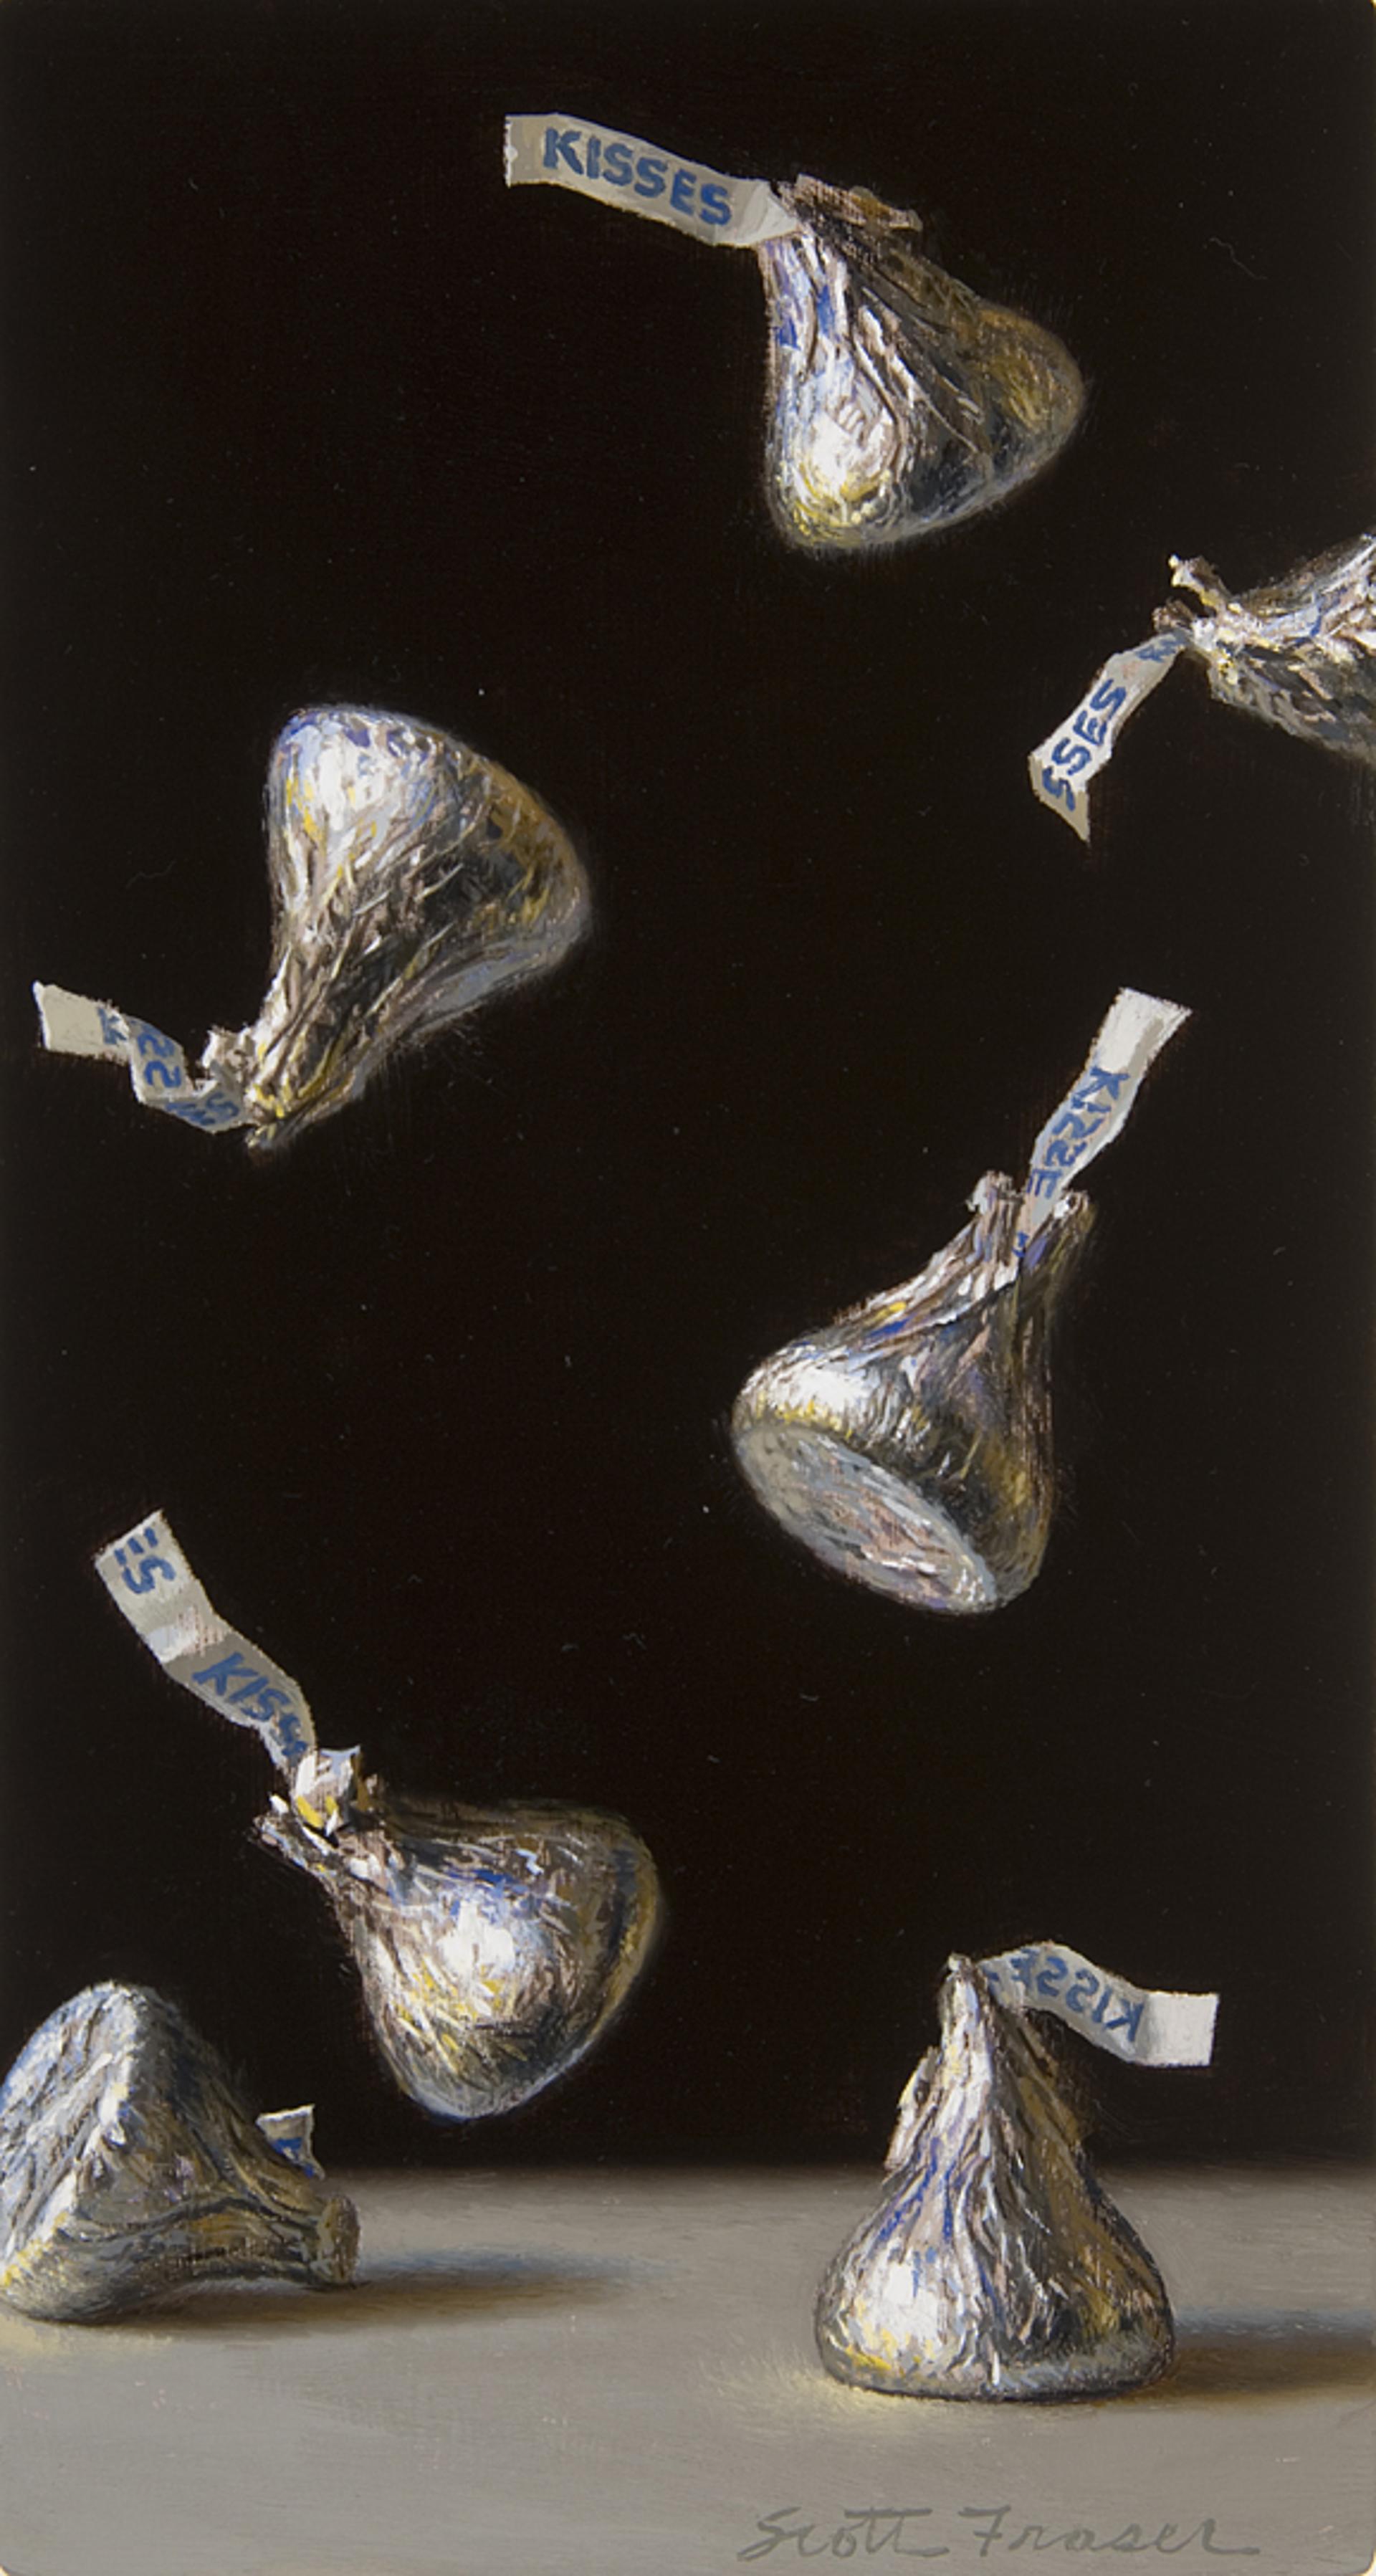 Falling Kisses by Scott Fraser